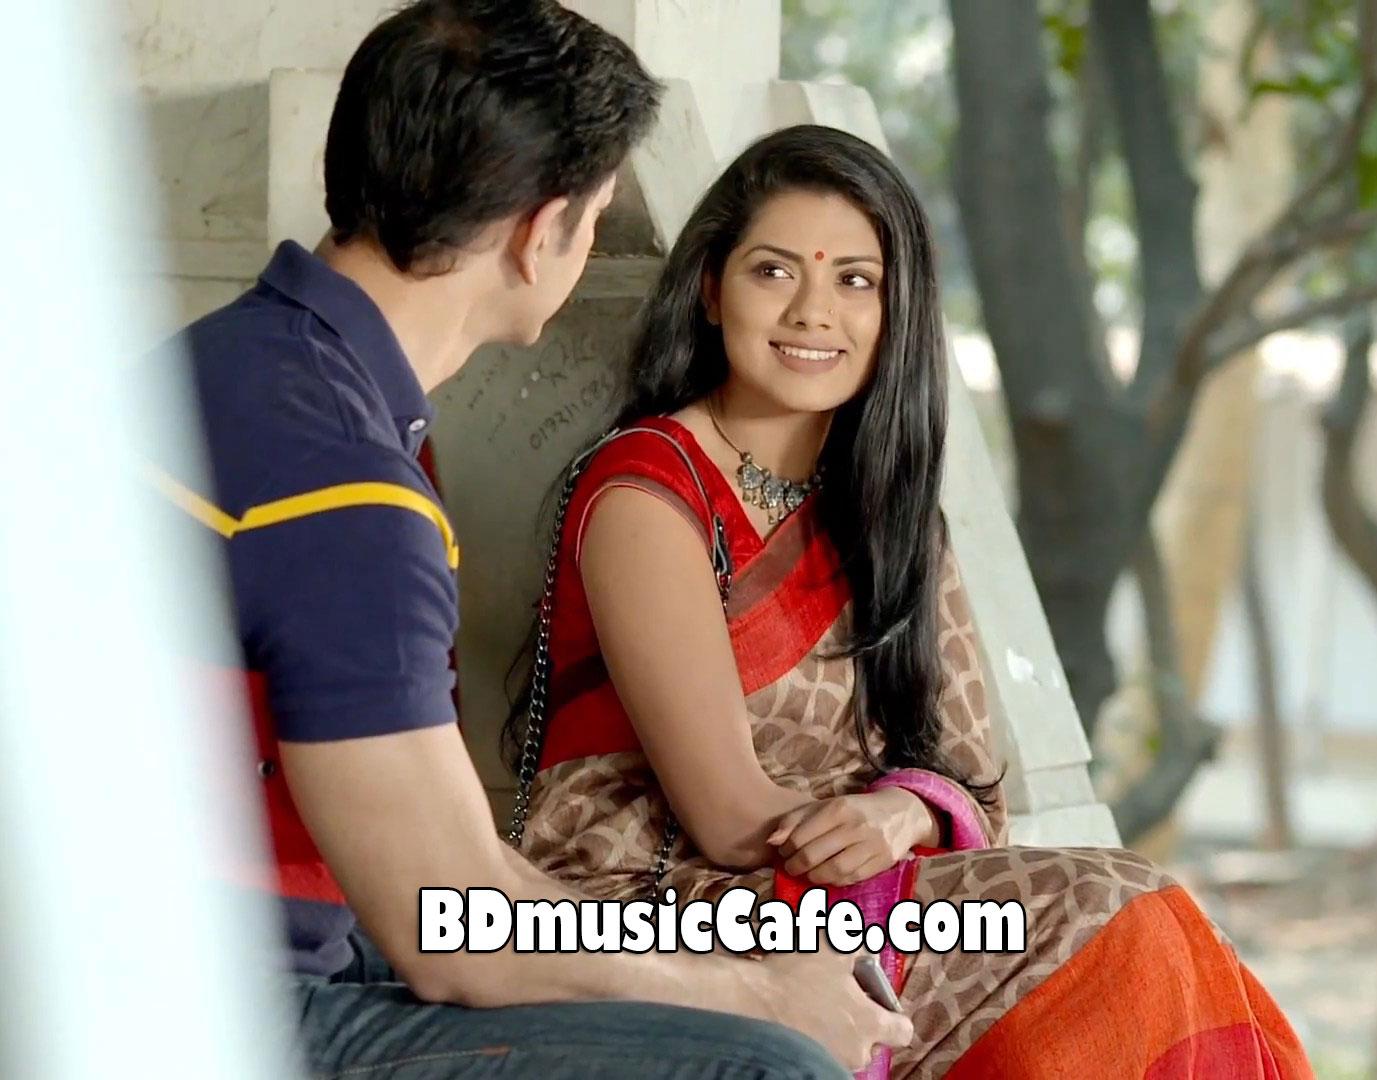 ... Natok Unpredictable Full HD, Unpredictable Bangla Natok Free Download